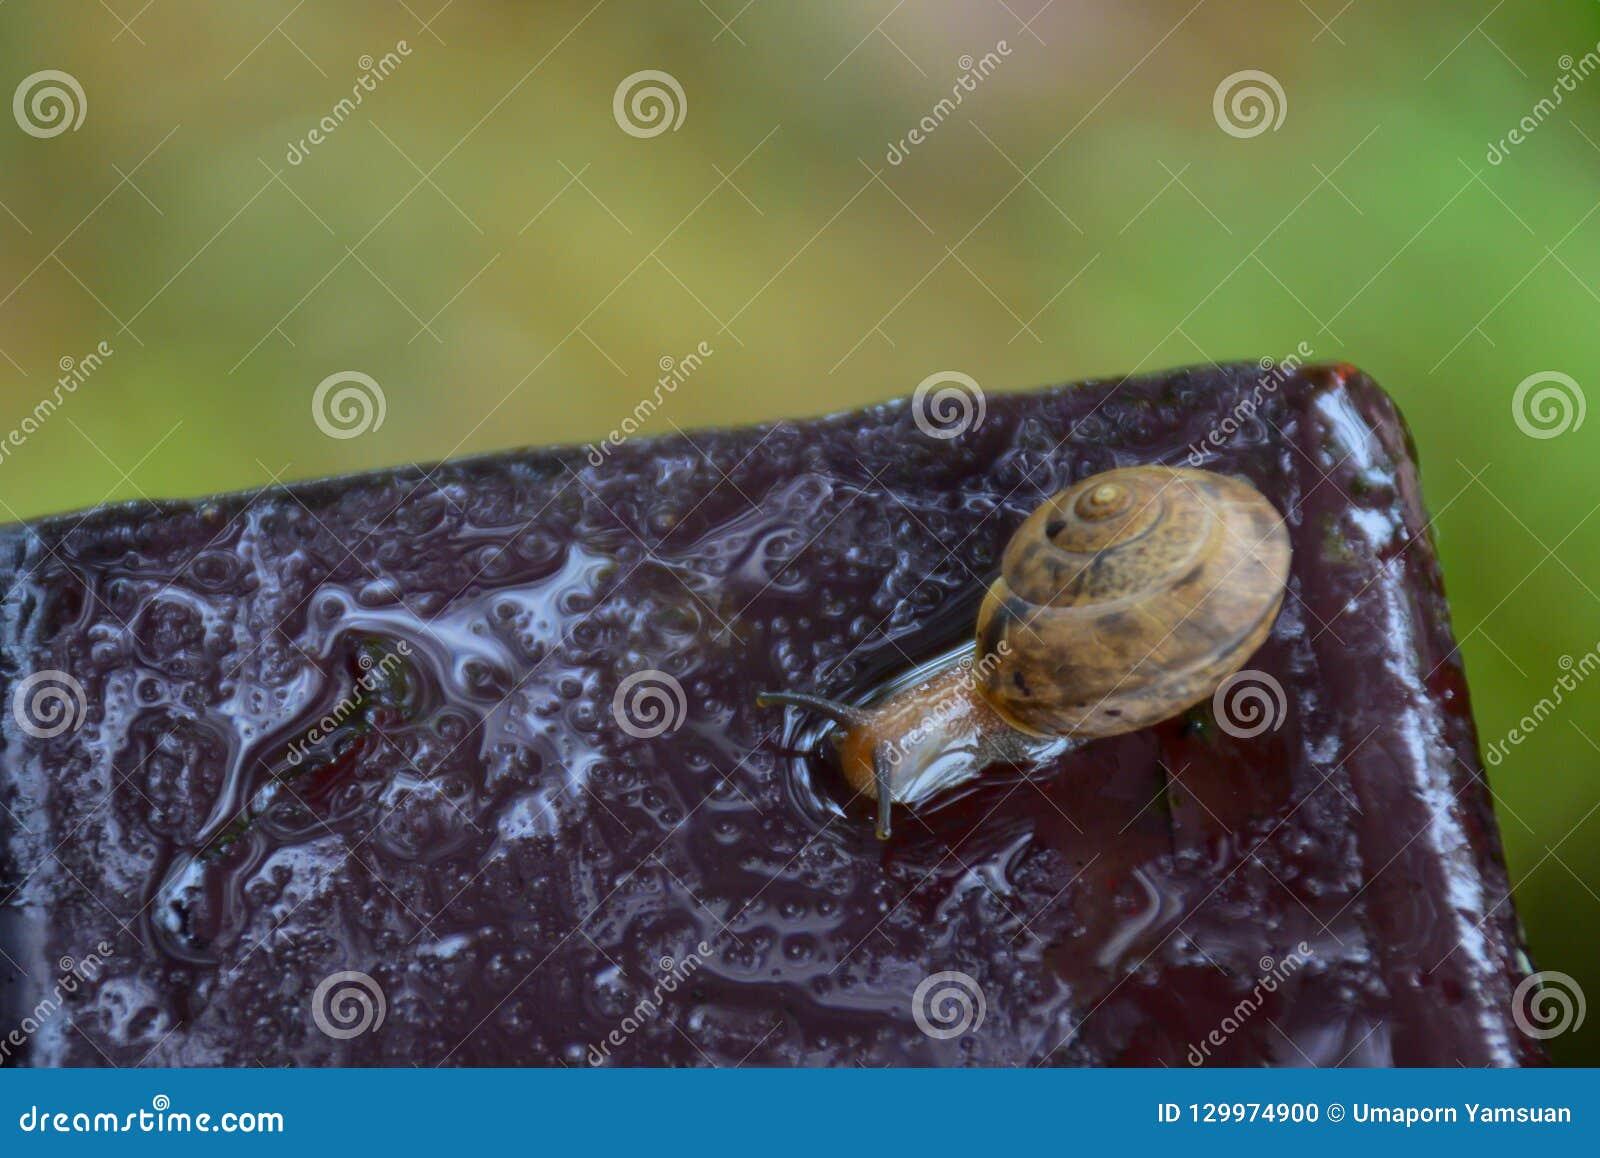 蜗牛在钢板走在庭院里